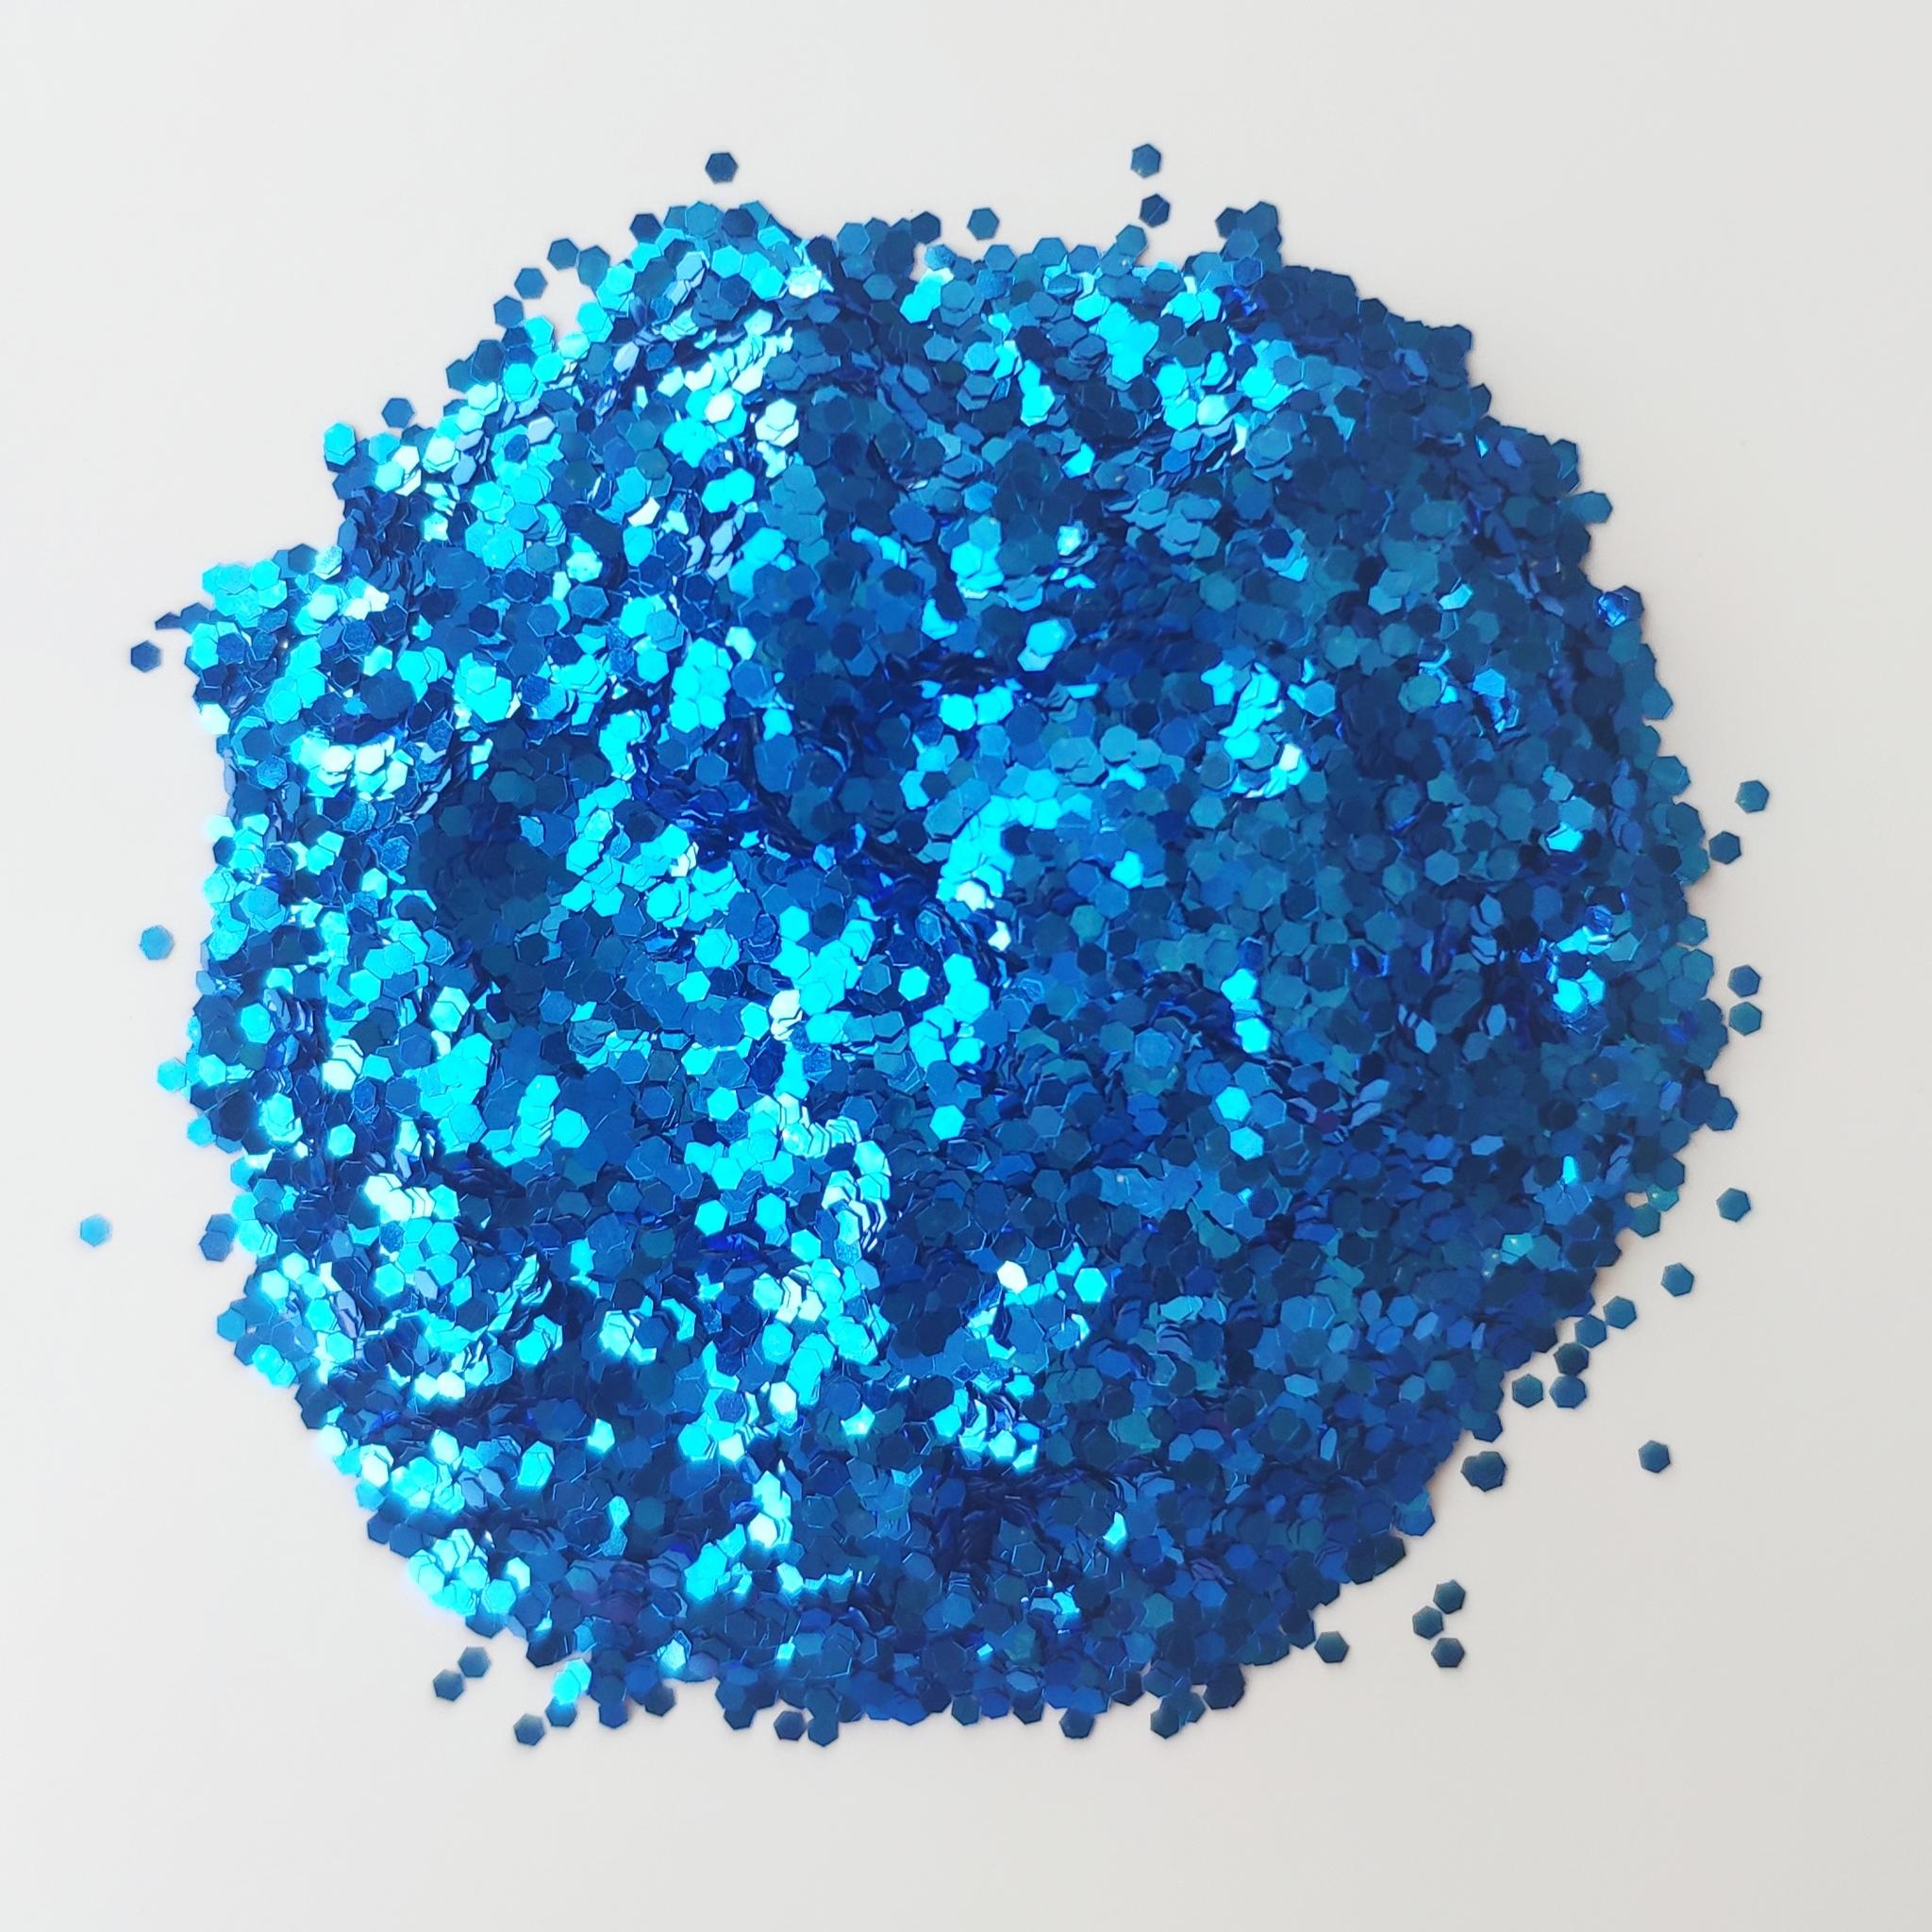 Блестки для слайма крупные профи синий ультрамарин 20мл